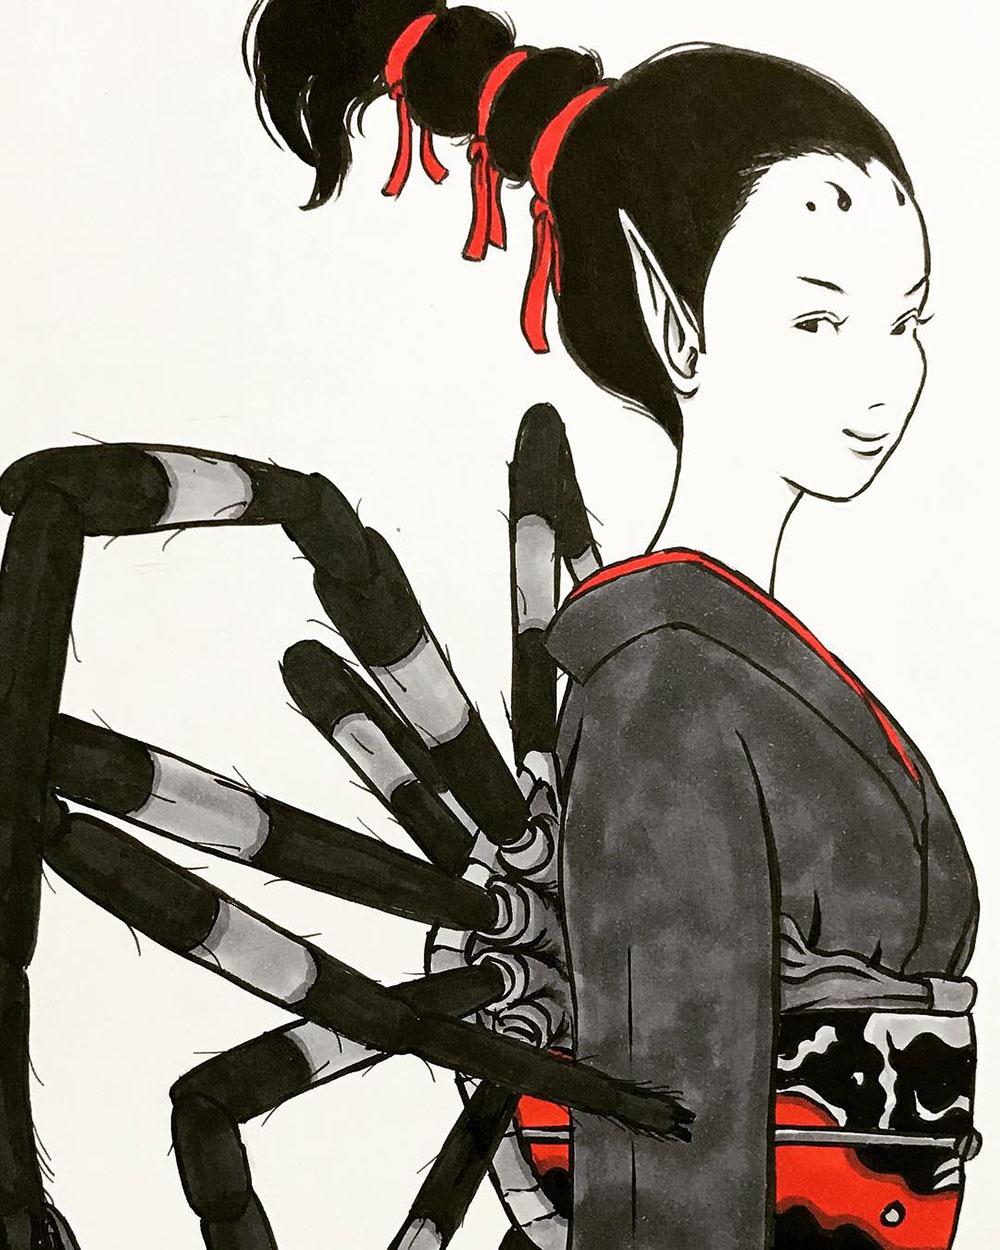 恐怖の女郎蜘蛛 JOROGUMO1